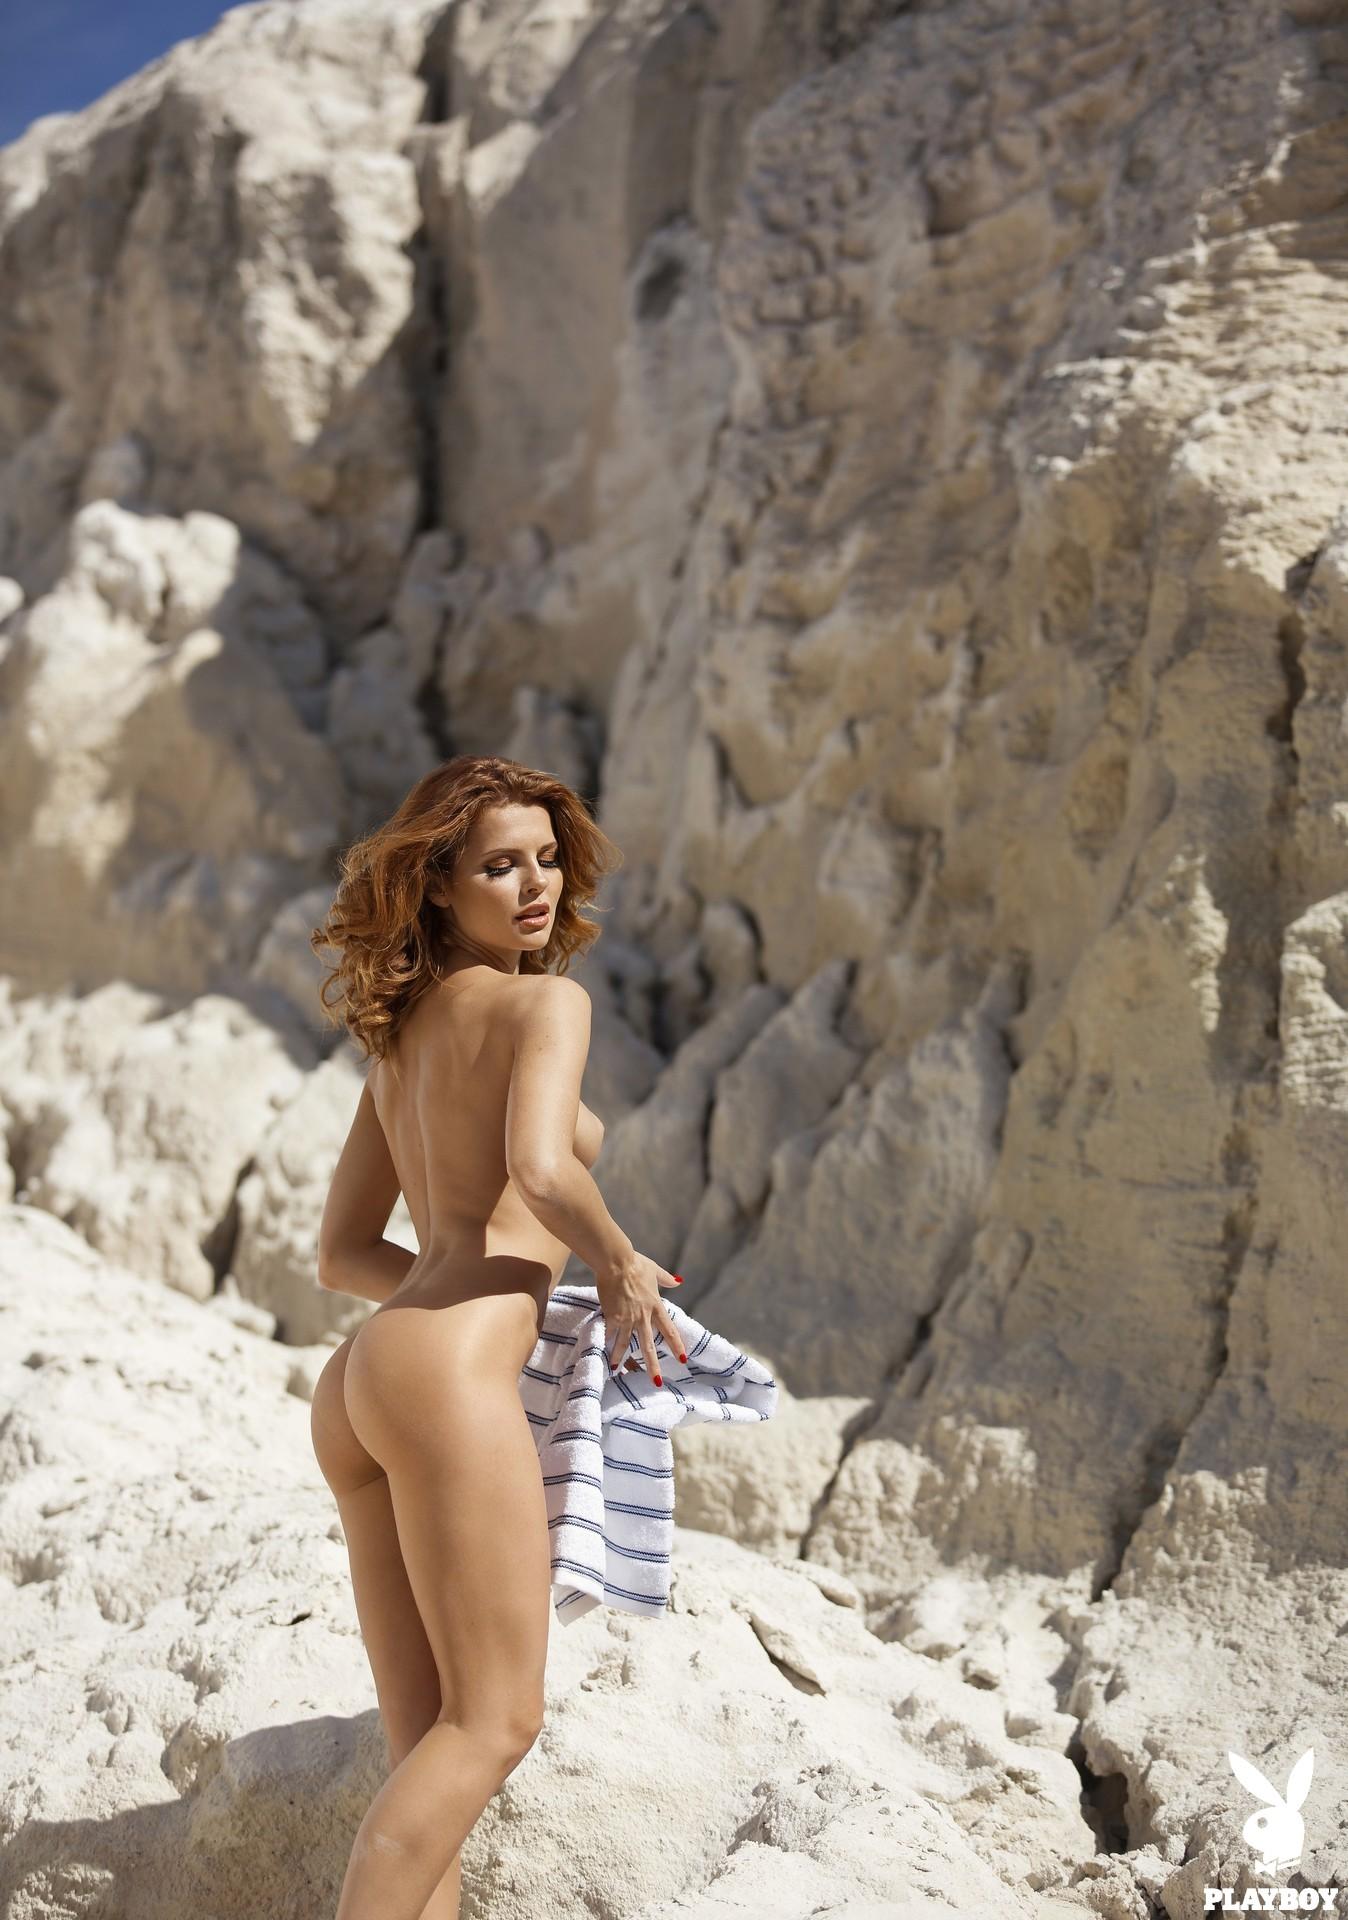 Playmate July 2018: Valeria Lakhina - Playboy Plus 38